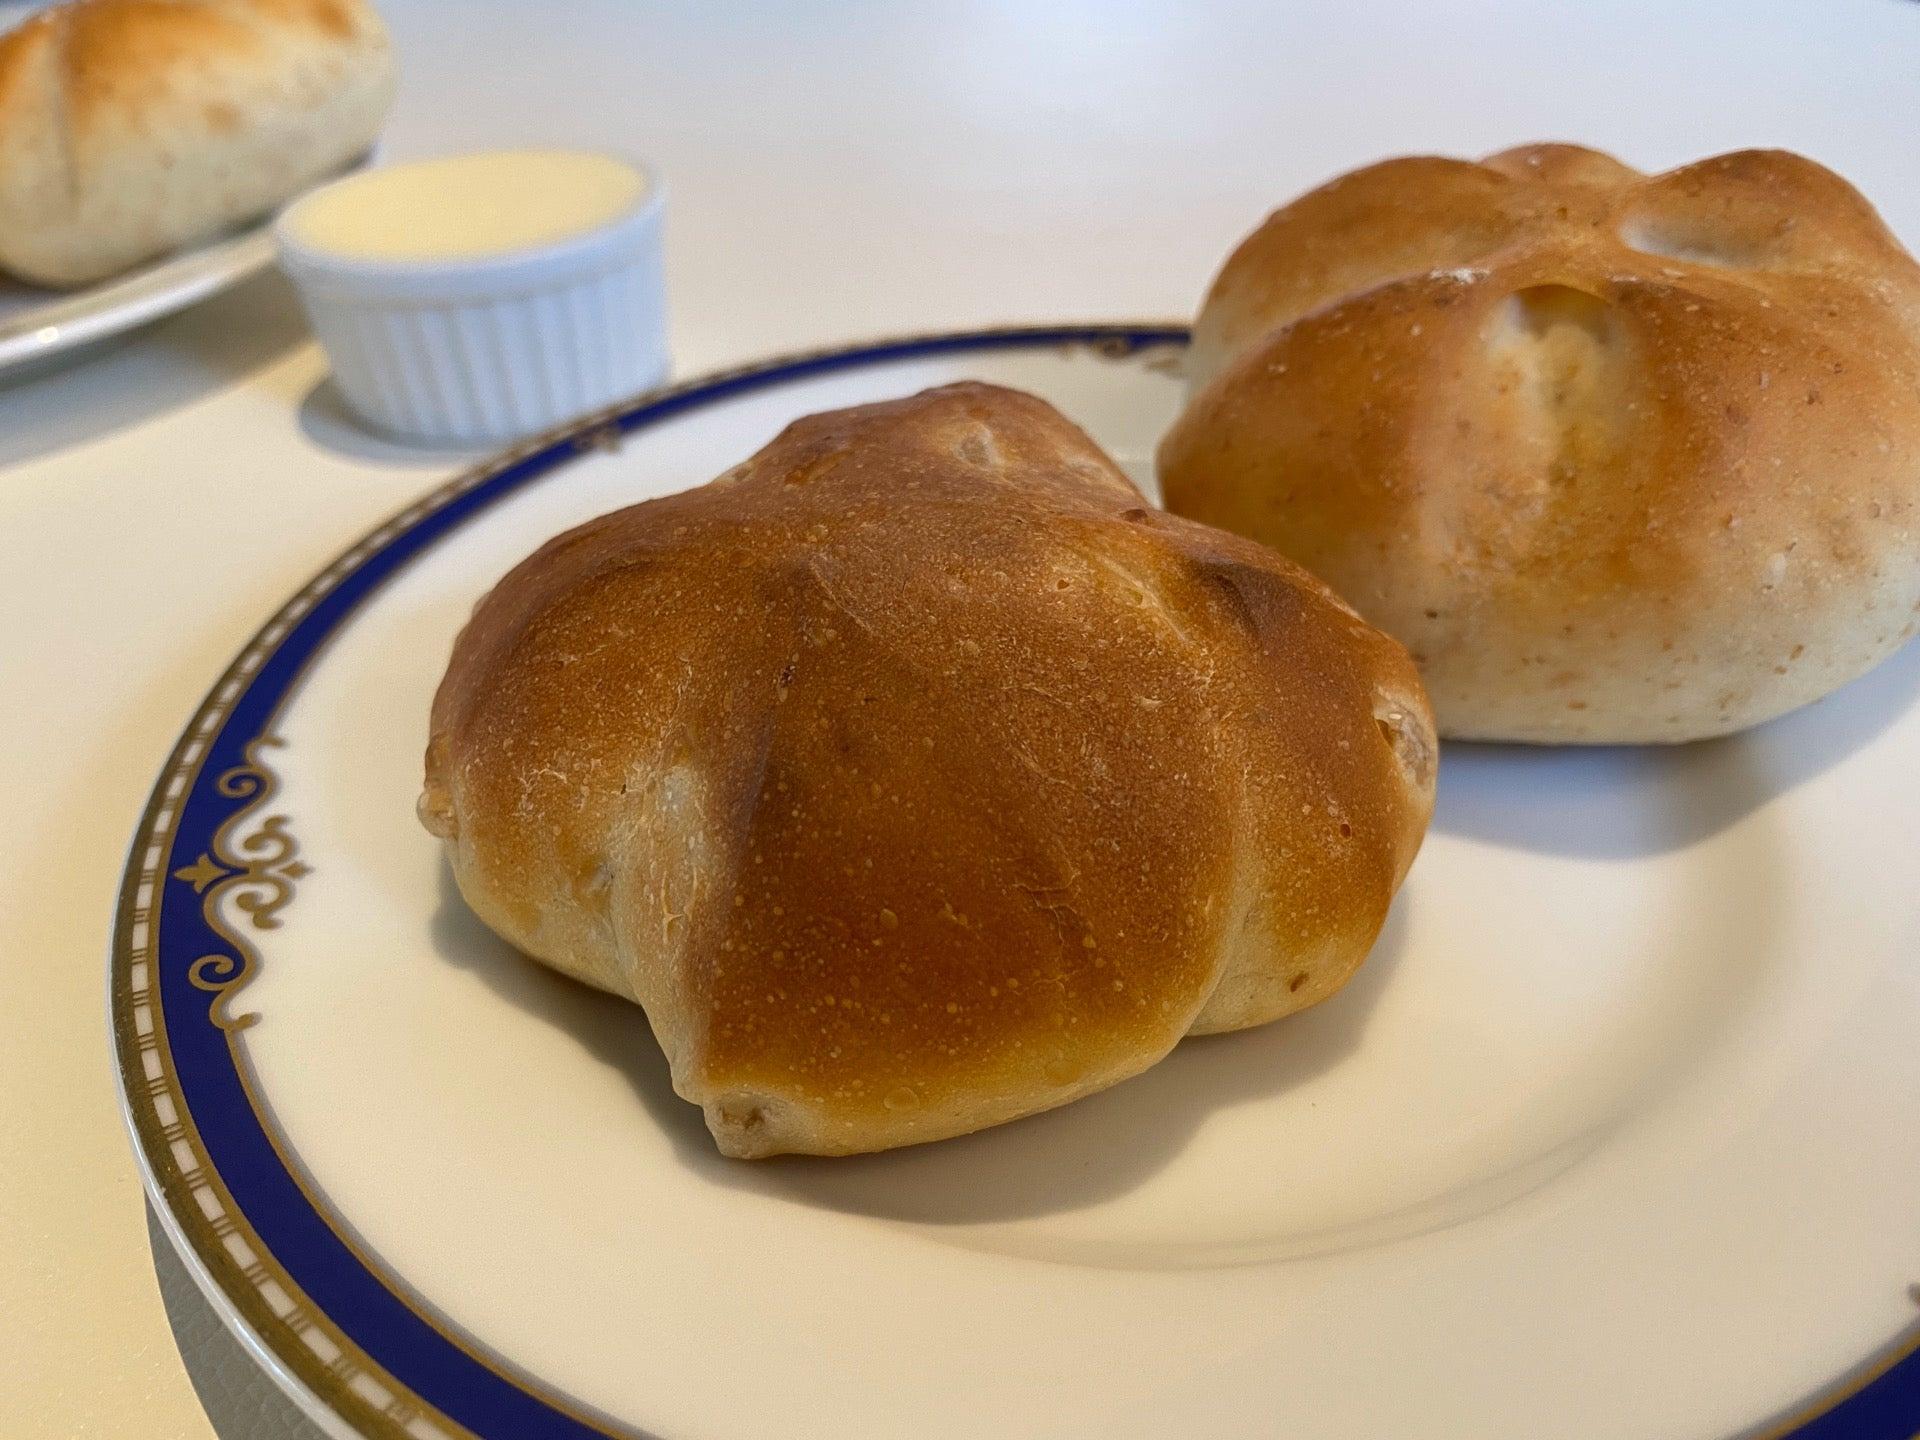 もち麦や全粒粉を練り込んだパンにガーリックマーガリン (゚д゚)熱々ウマー (@ Trattoria Cortile) https://t.co/HBOZ1Yoklp https://t.co/DLrDQMascH